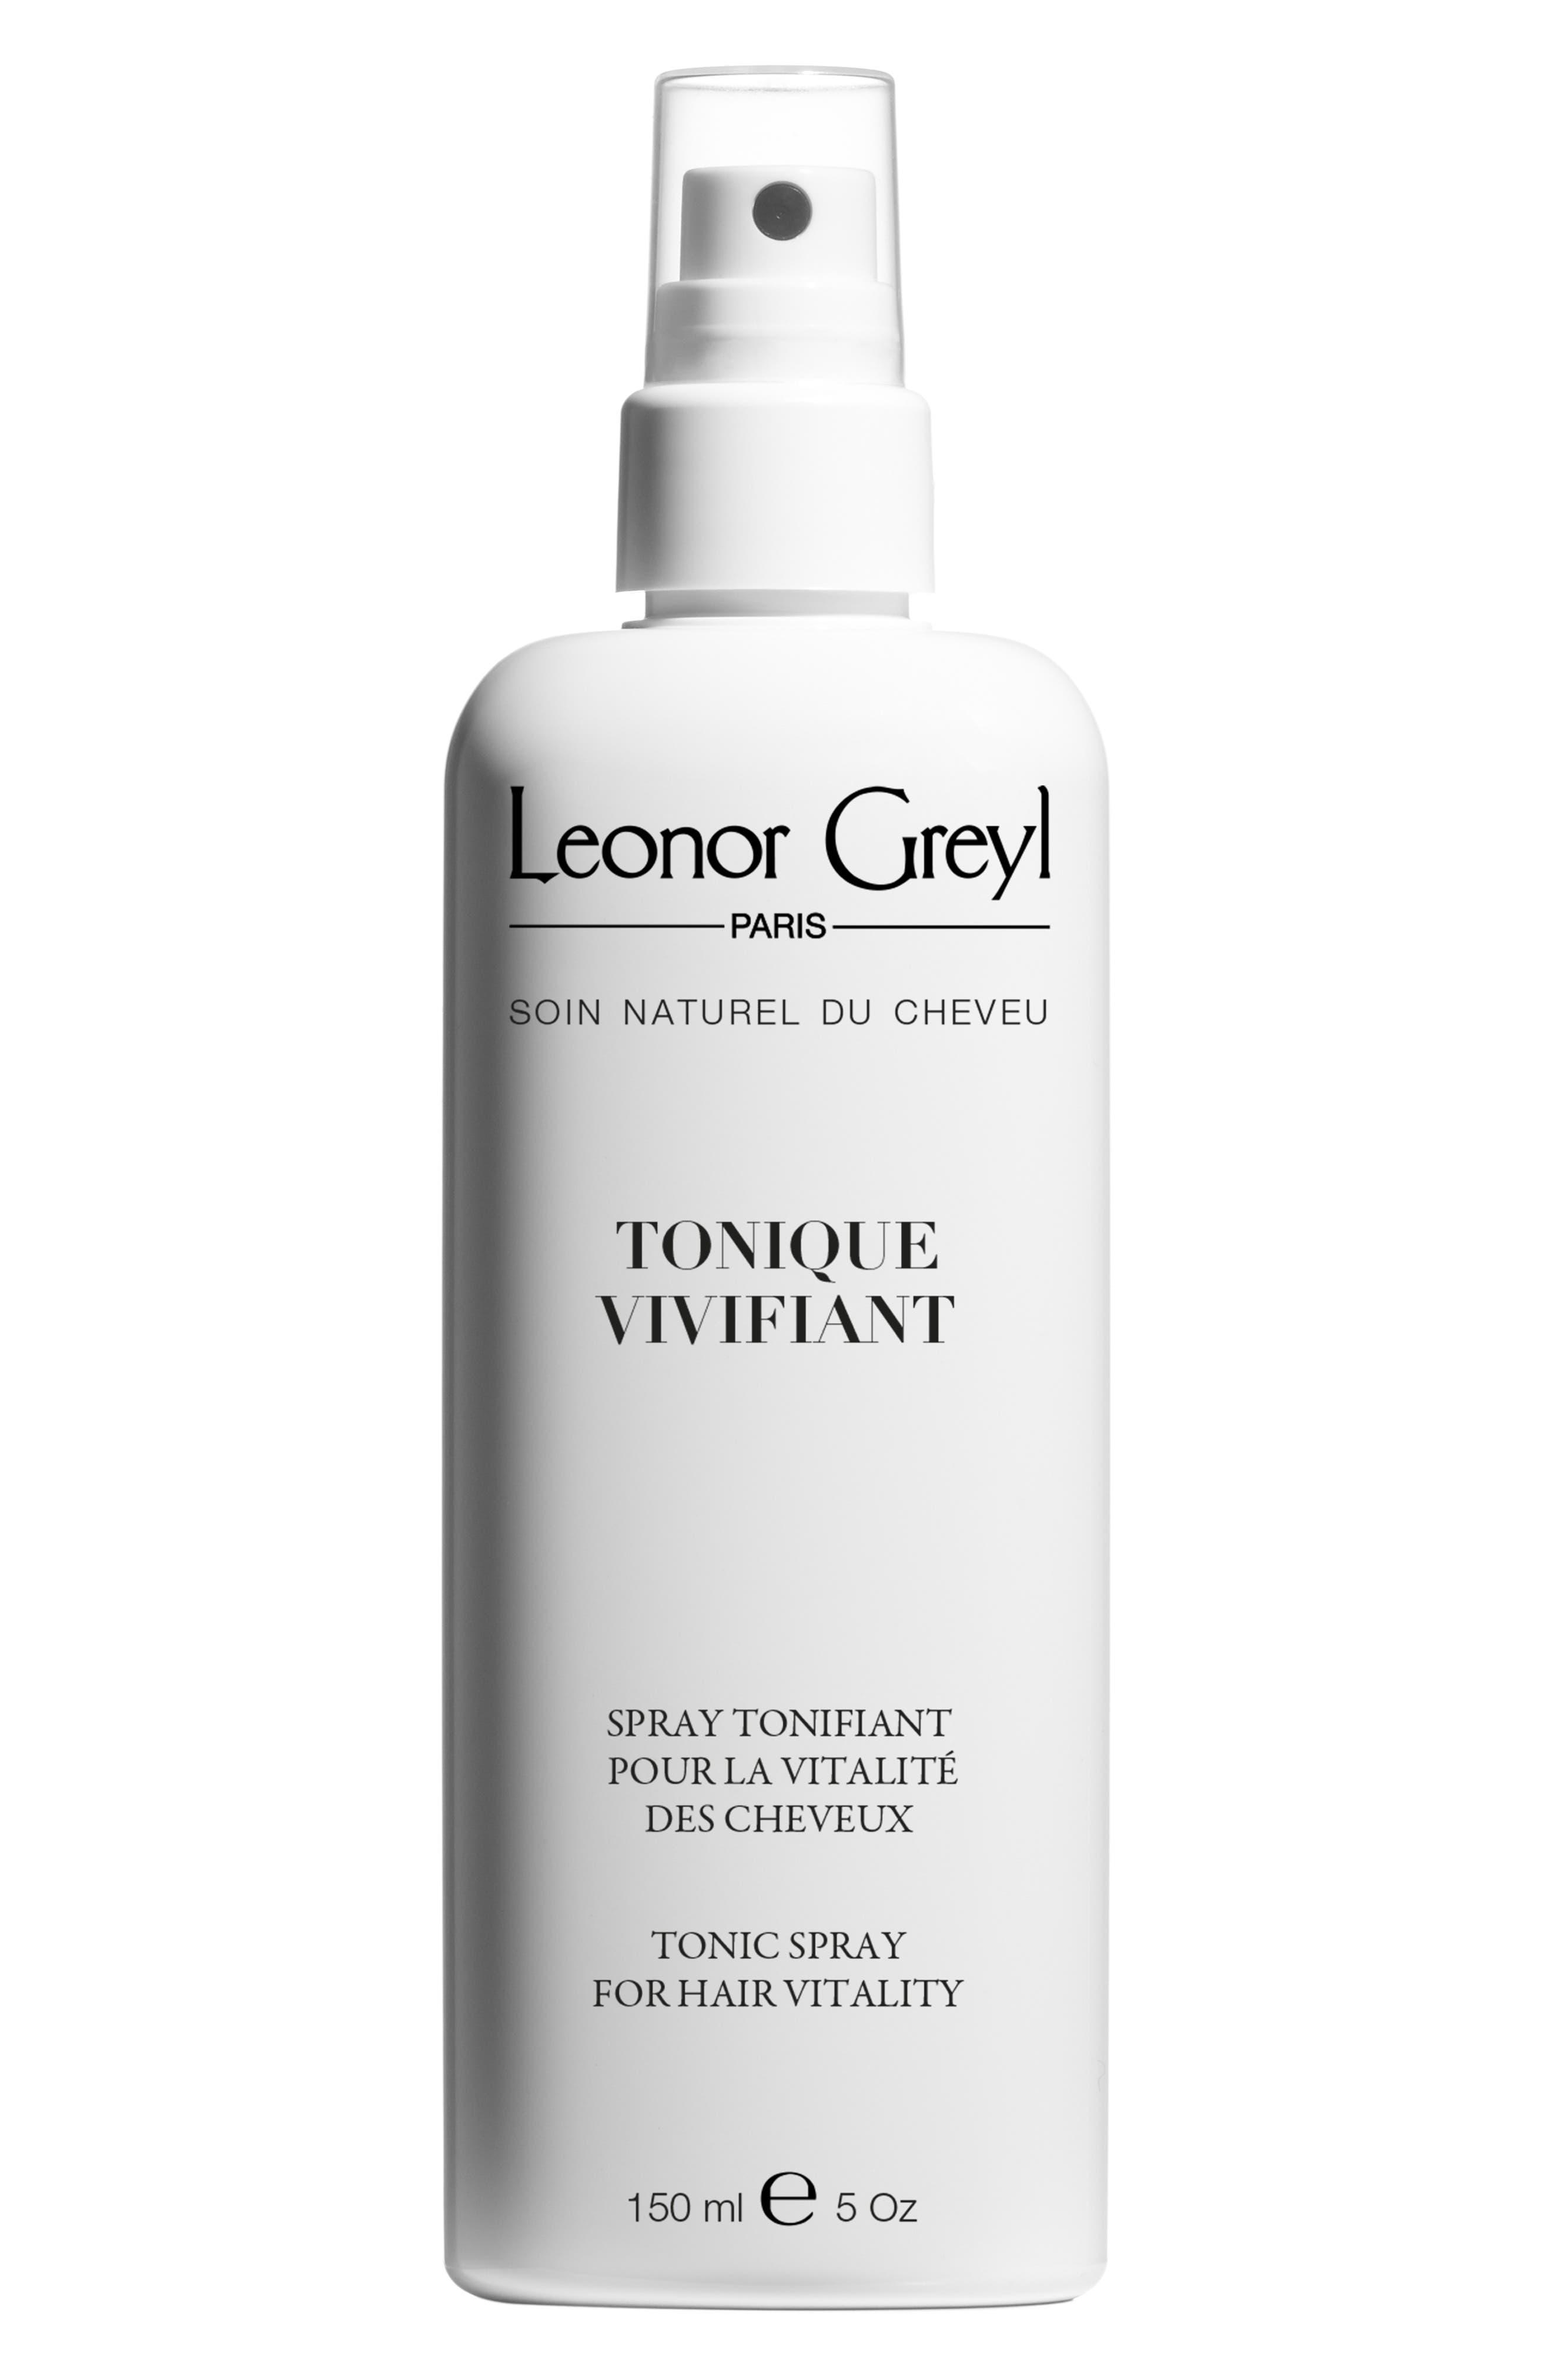 Tonique Vivifiant Leave-In Treatment